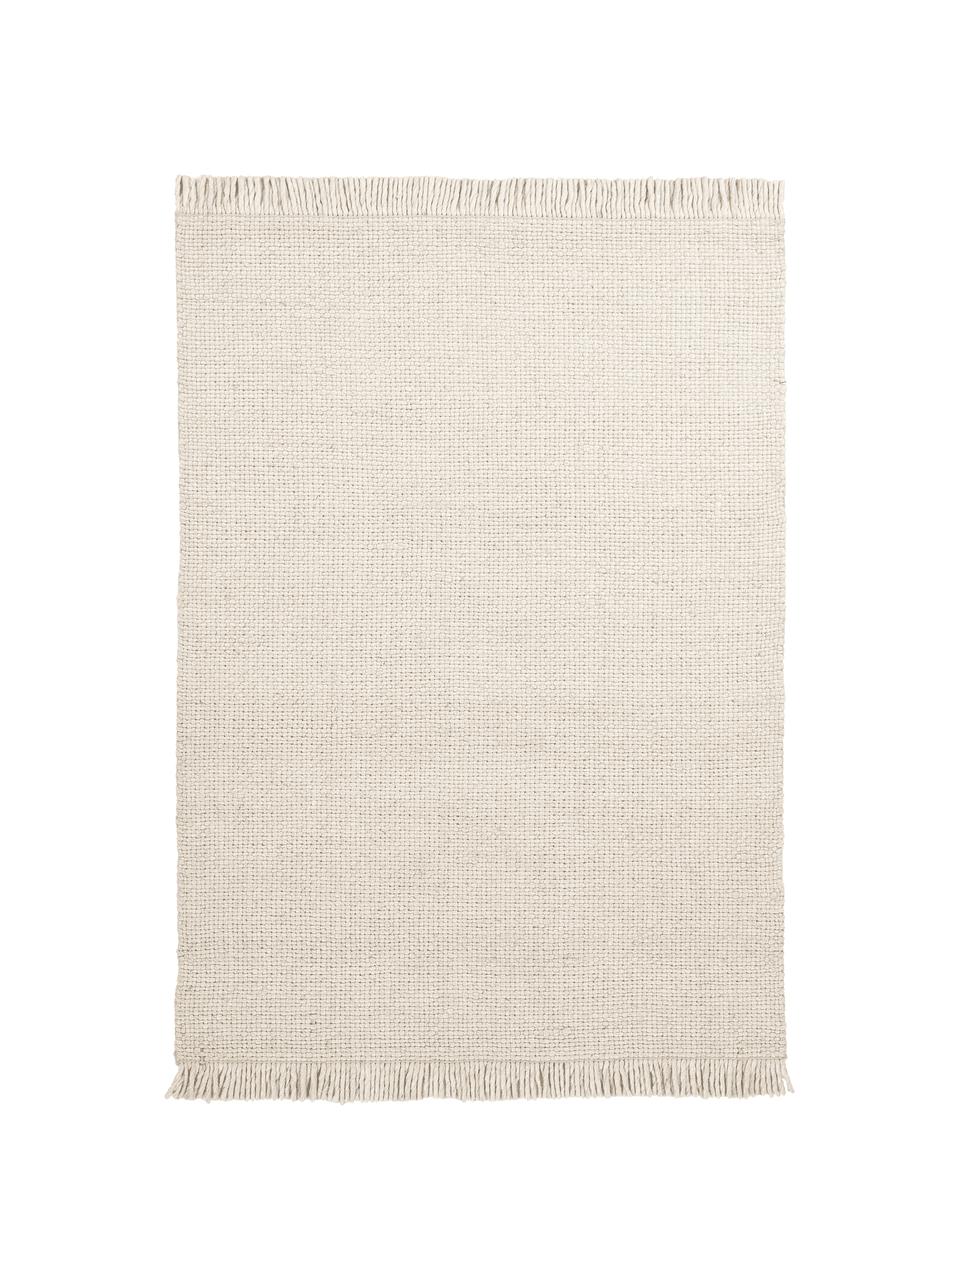 Handgewebter Wollteppich Alvin in Creme mit Fransenabschluss, Flor: 60% Wolle, 40% Viskose, Creme, B 200 x L 290 cm (Größe L)